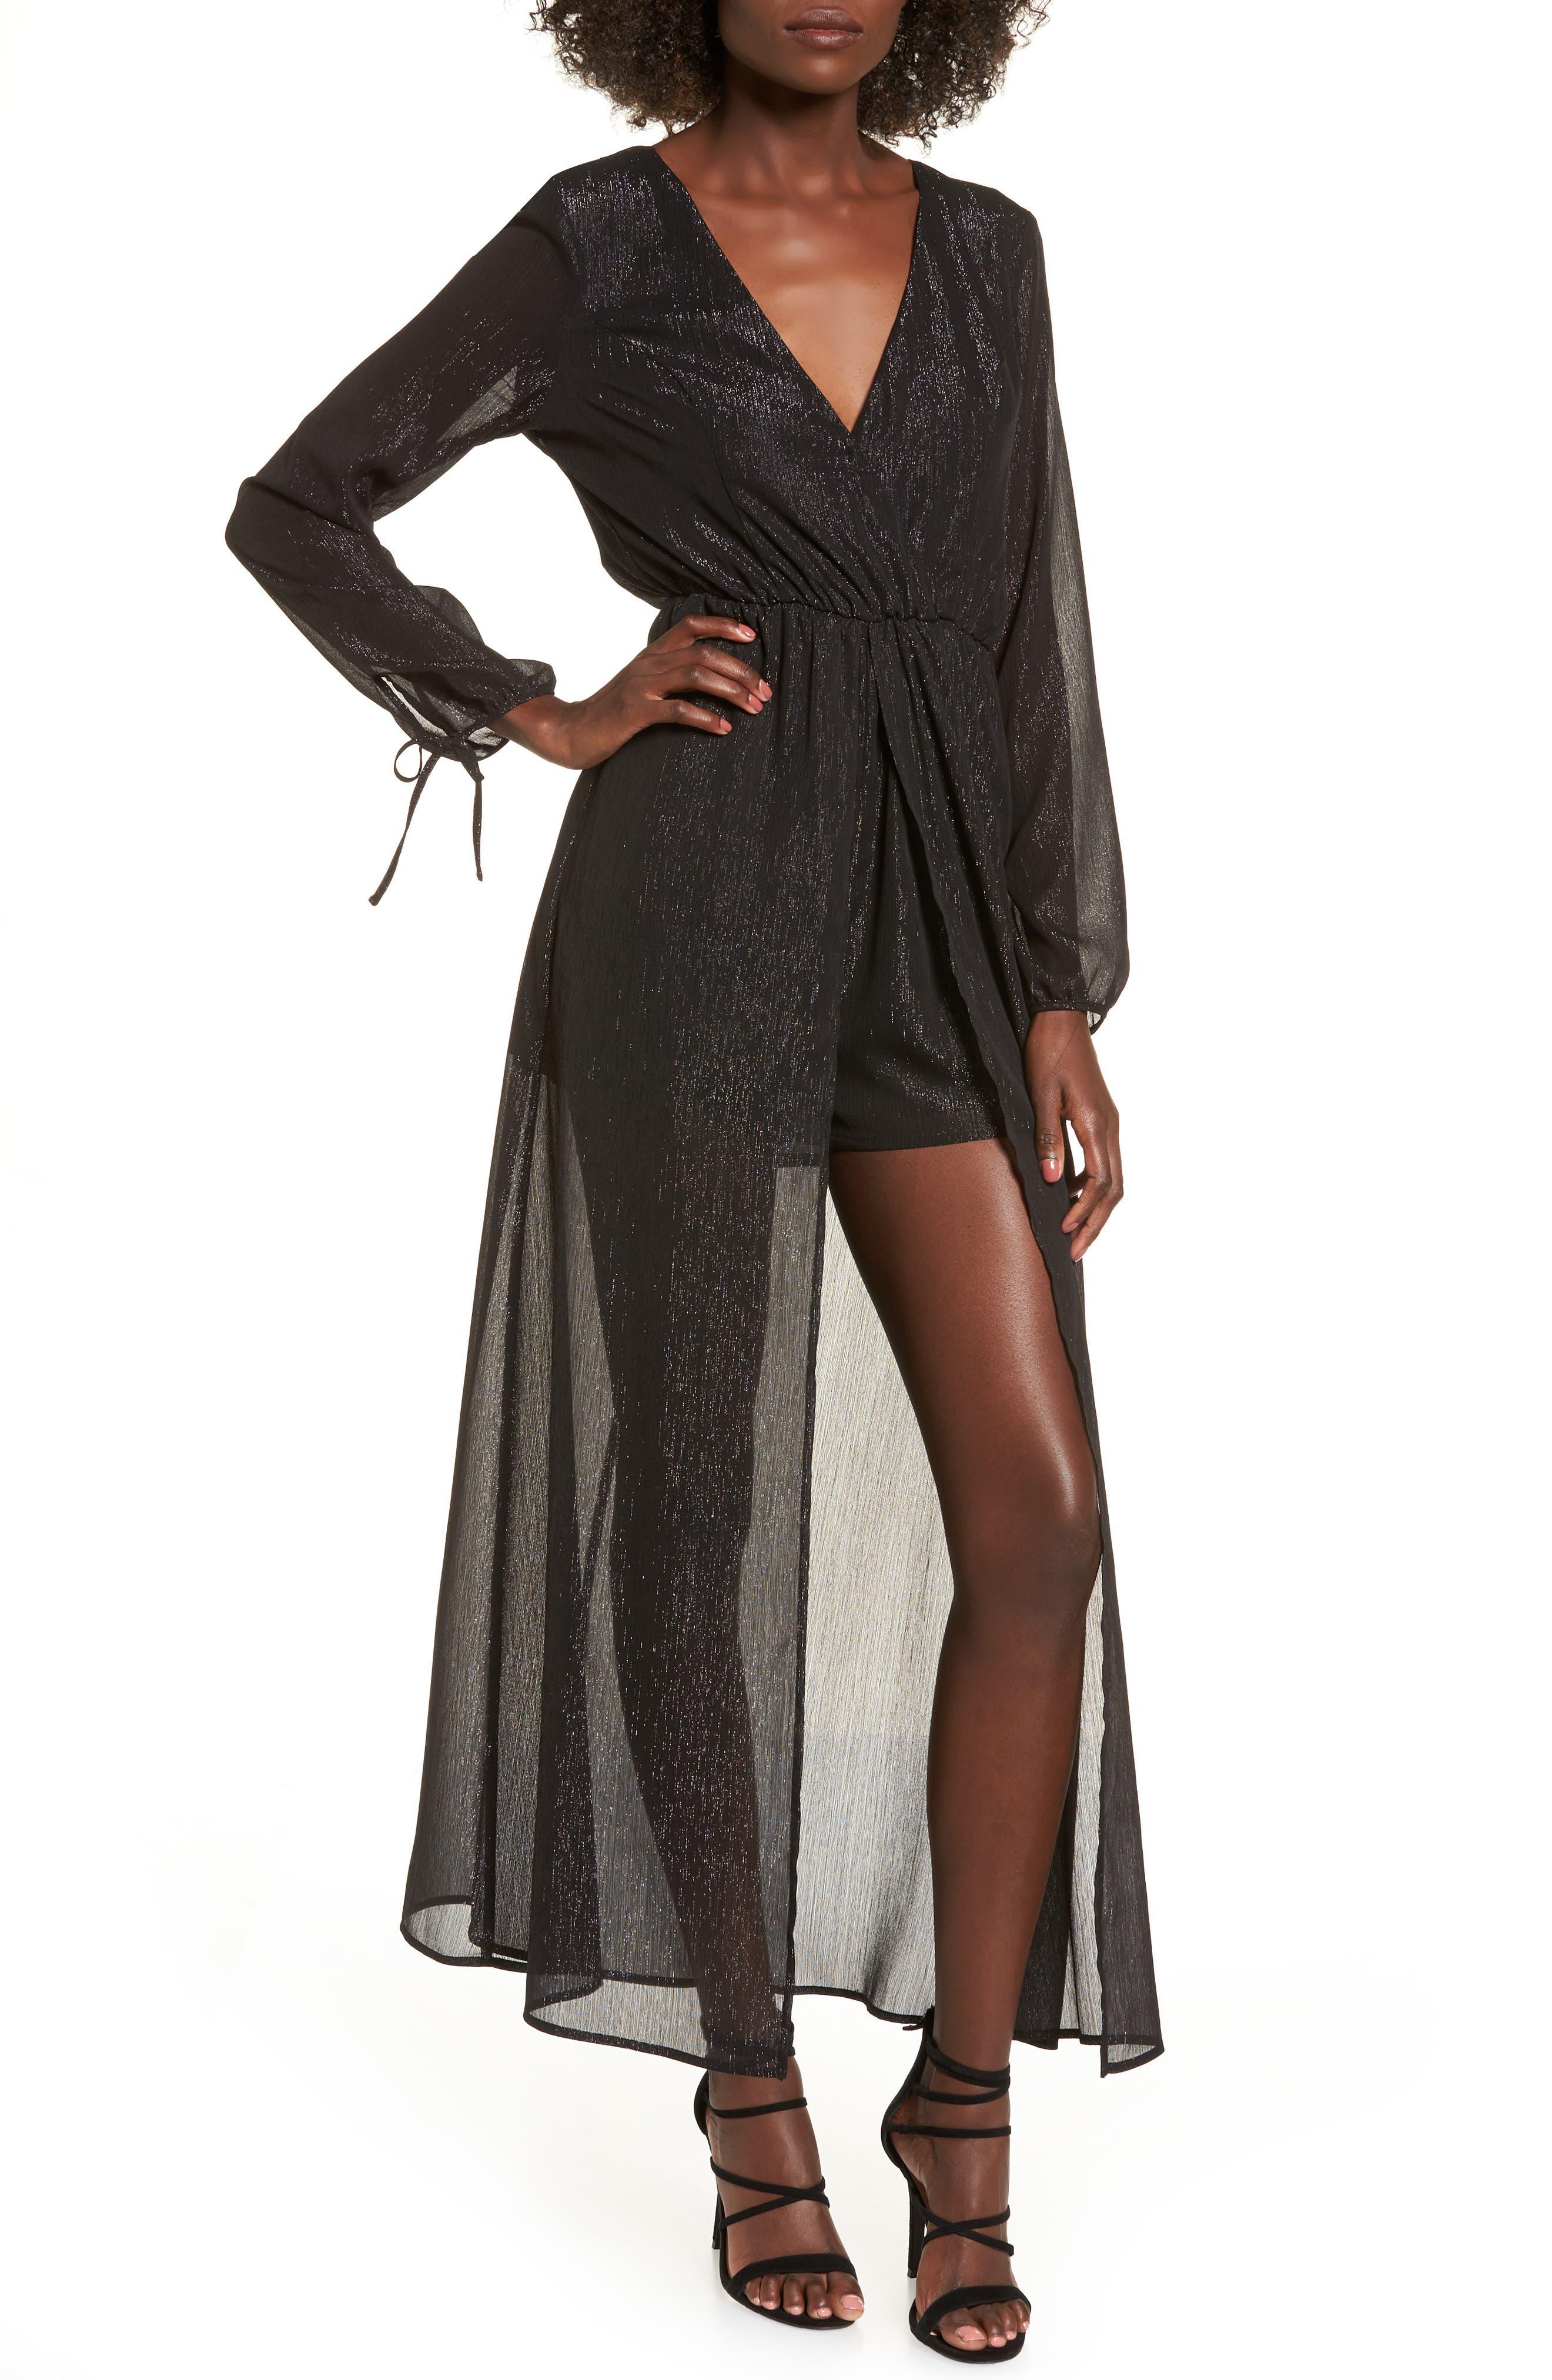 Main Image - Speechless Metallic Surplice Dress